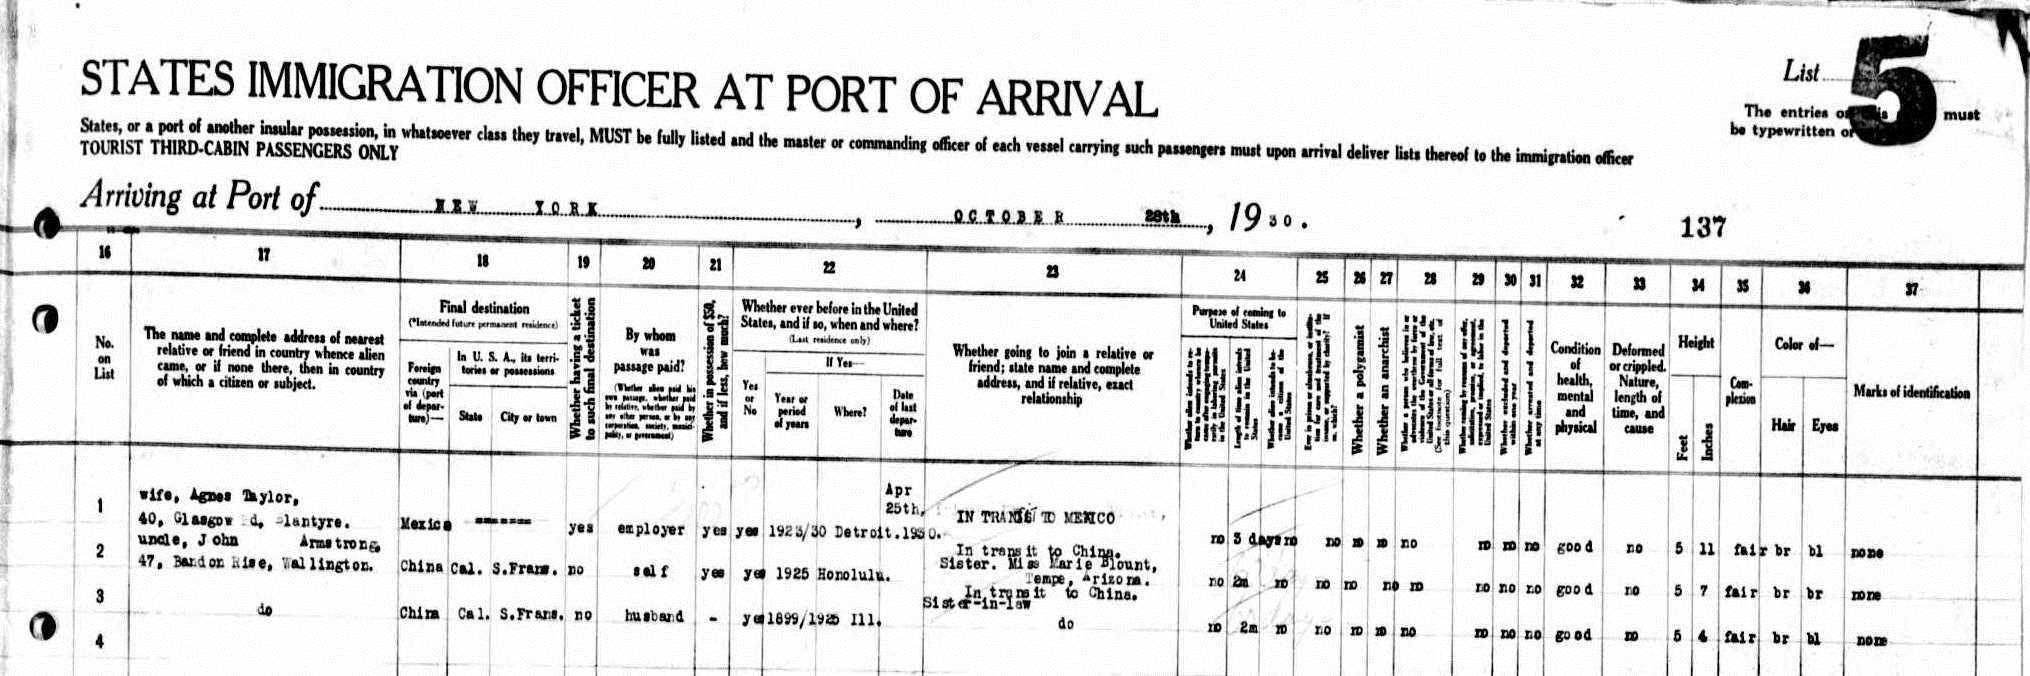 passenger manifest document detail right side